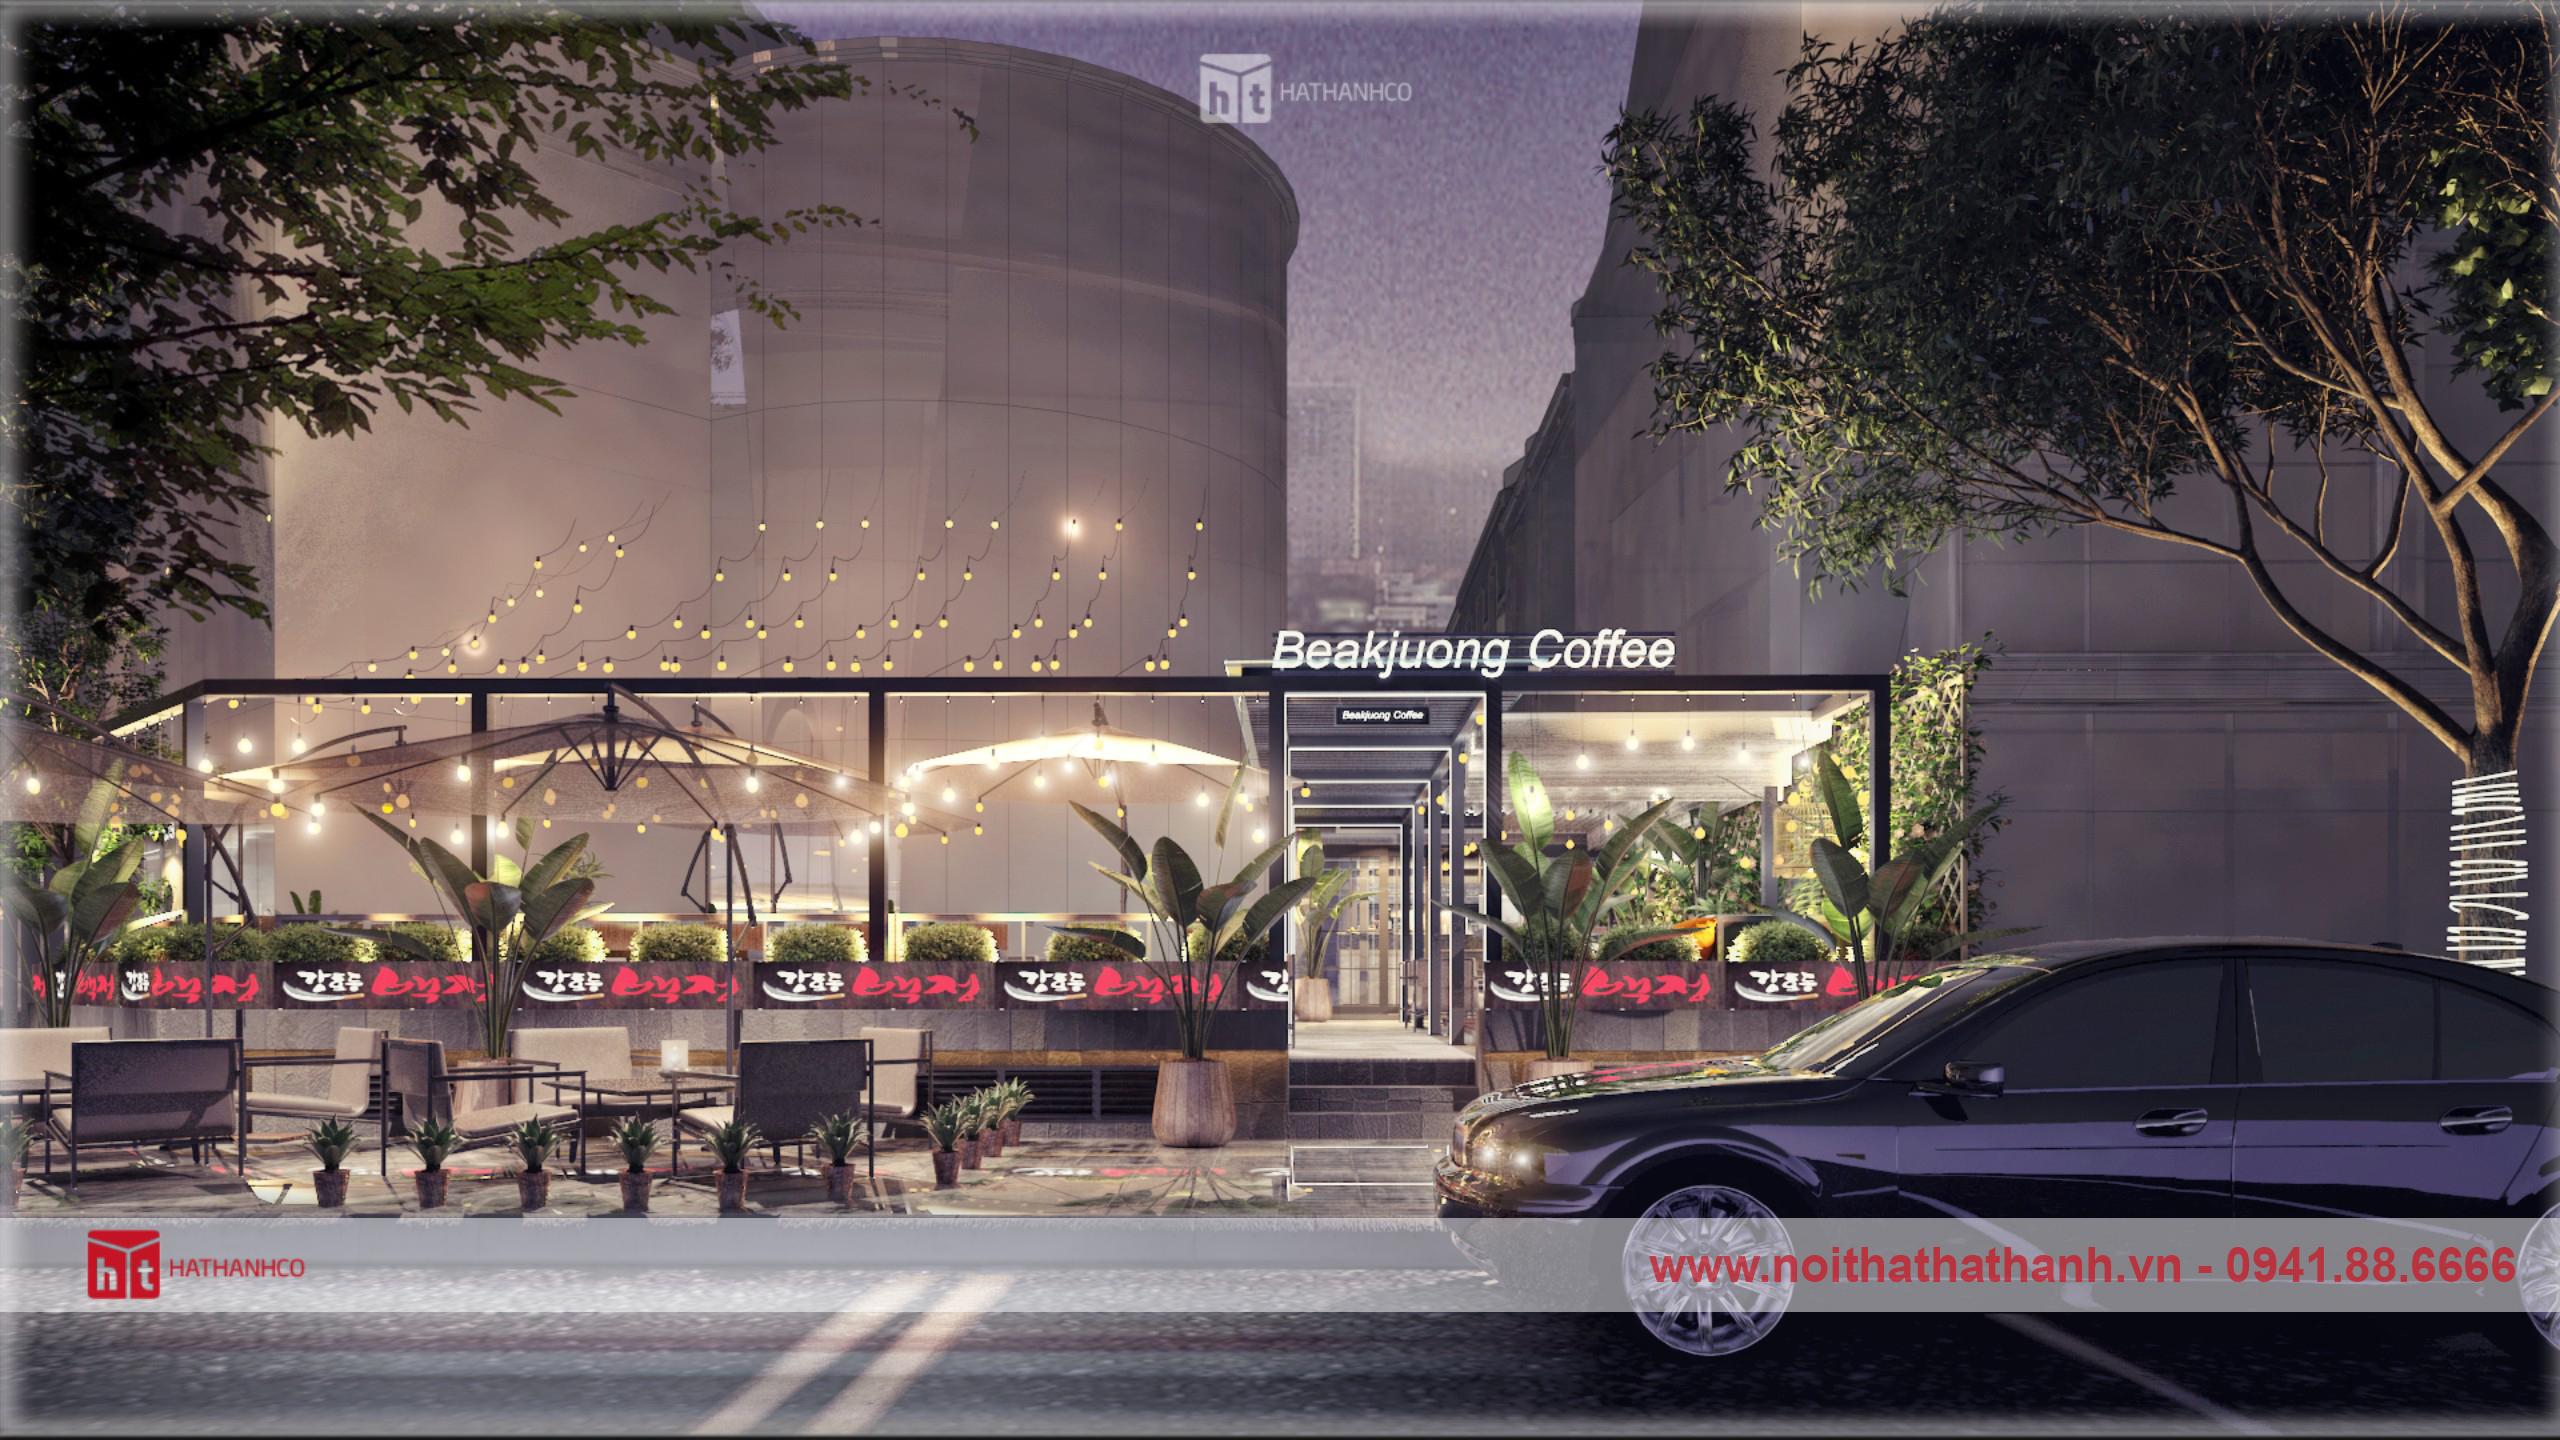 thiết kế nội thất quán coffee phong cách hàn quốc (5)